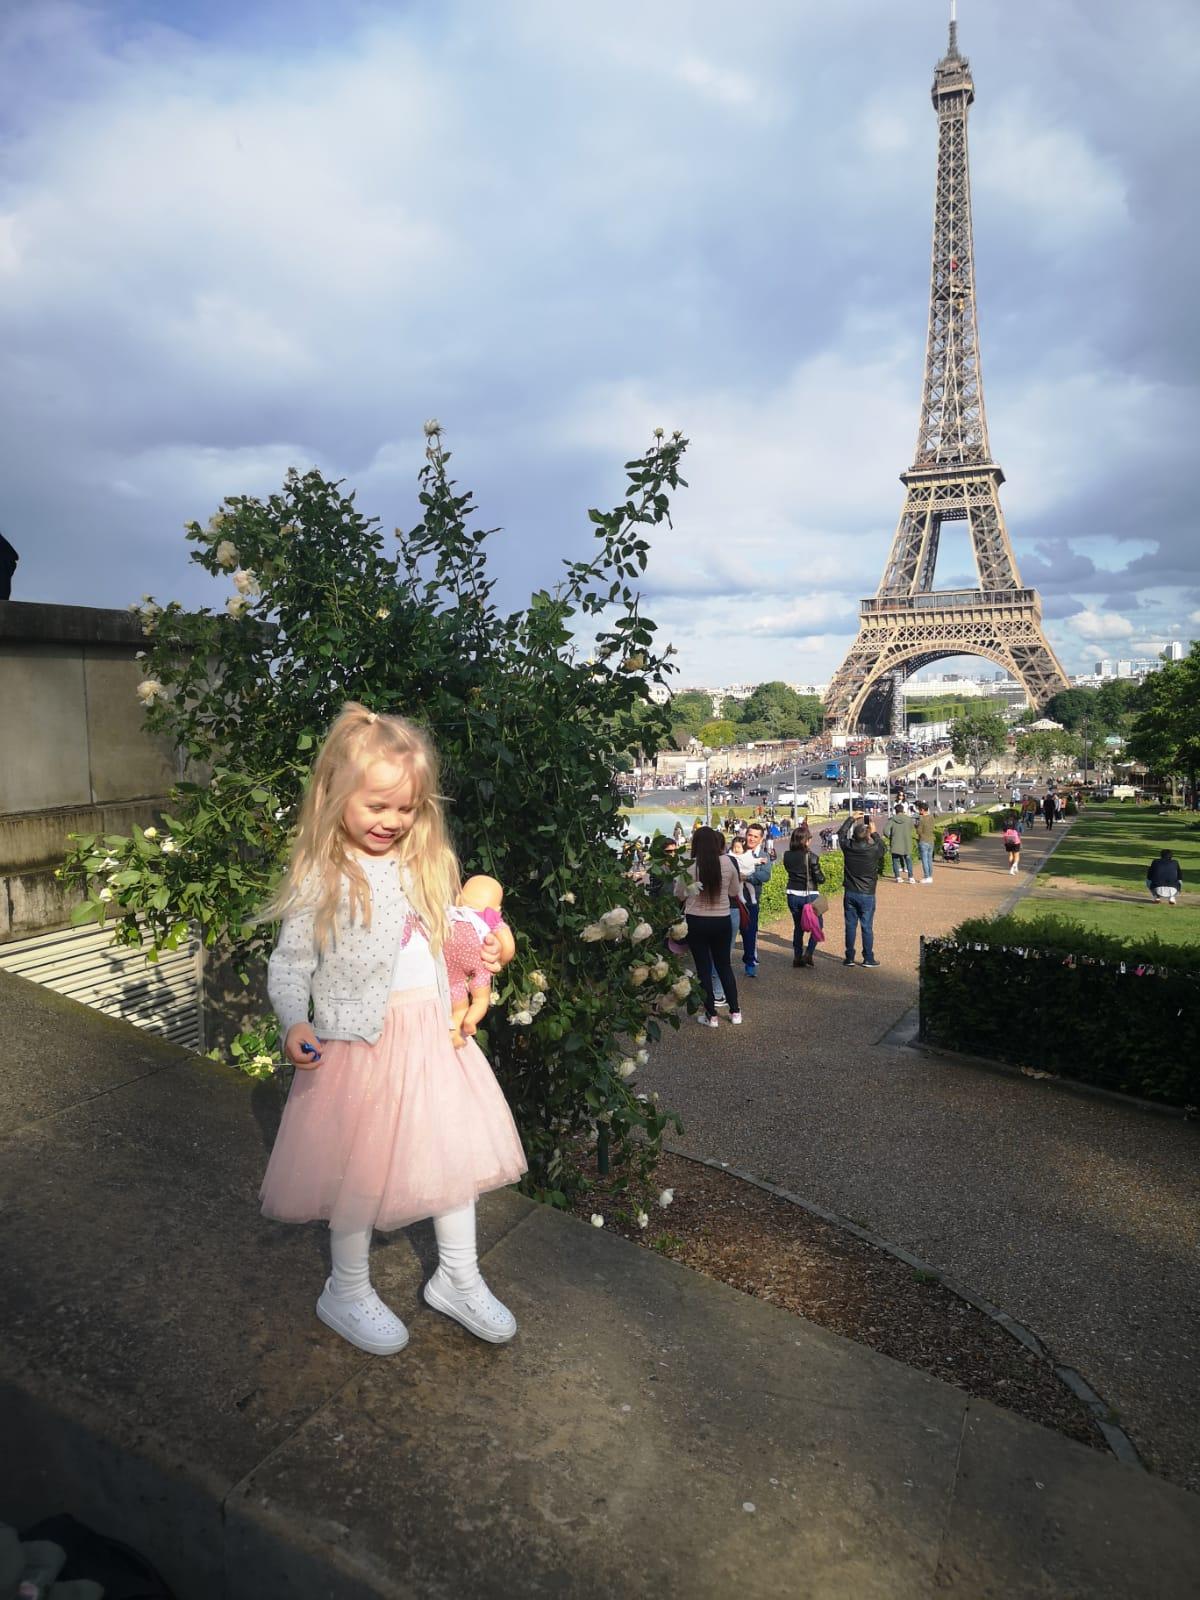 tuleva iso-sisko Eiffel-tornin edessä vauvanukkensa kanssa